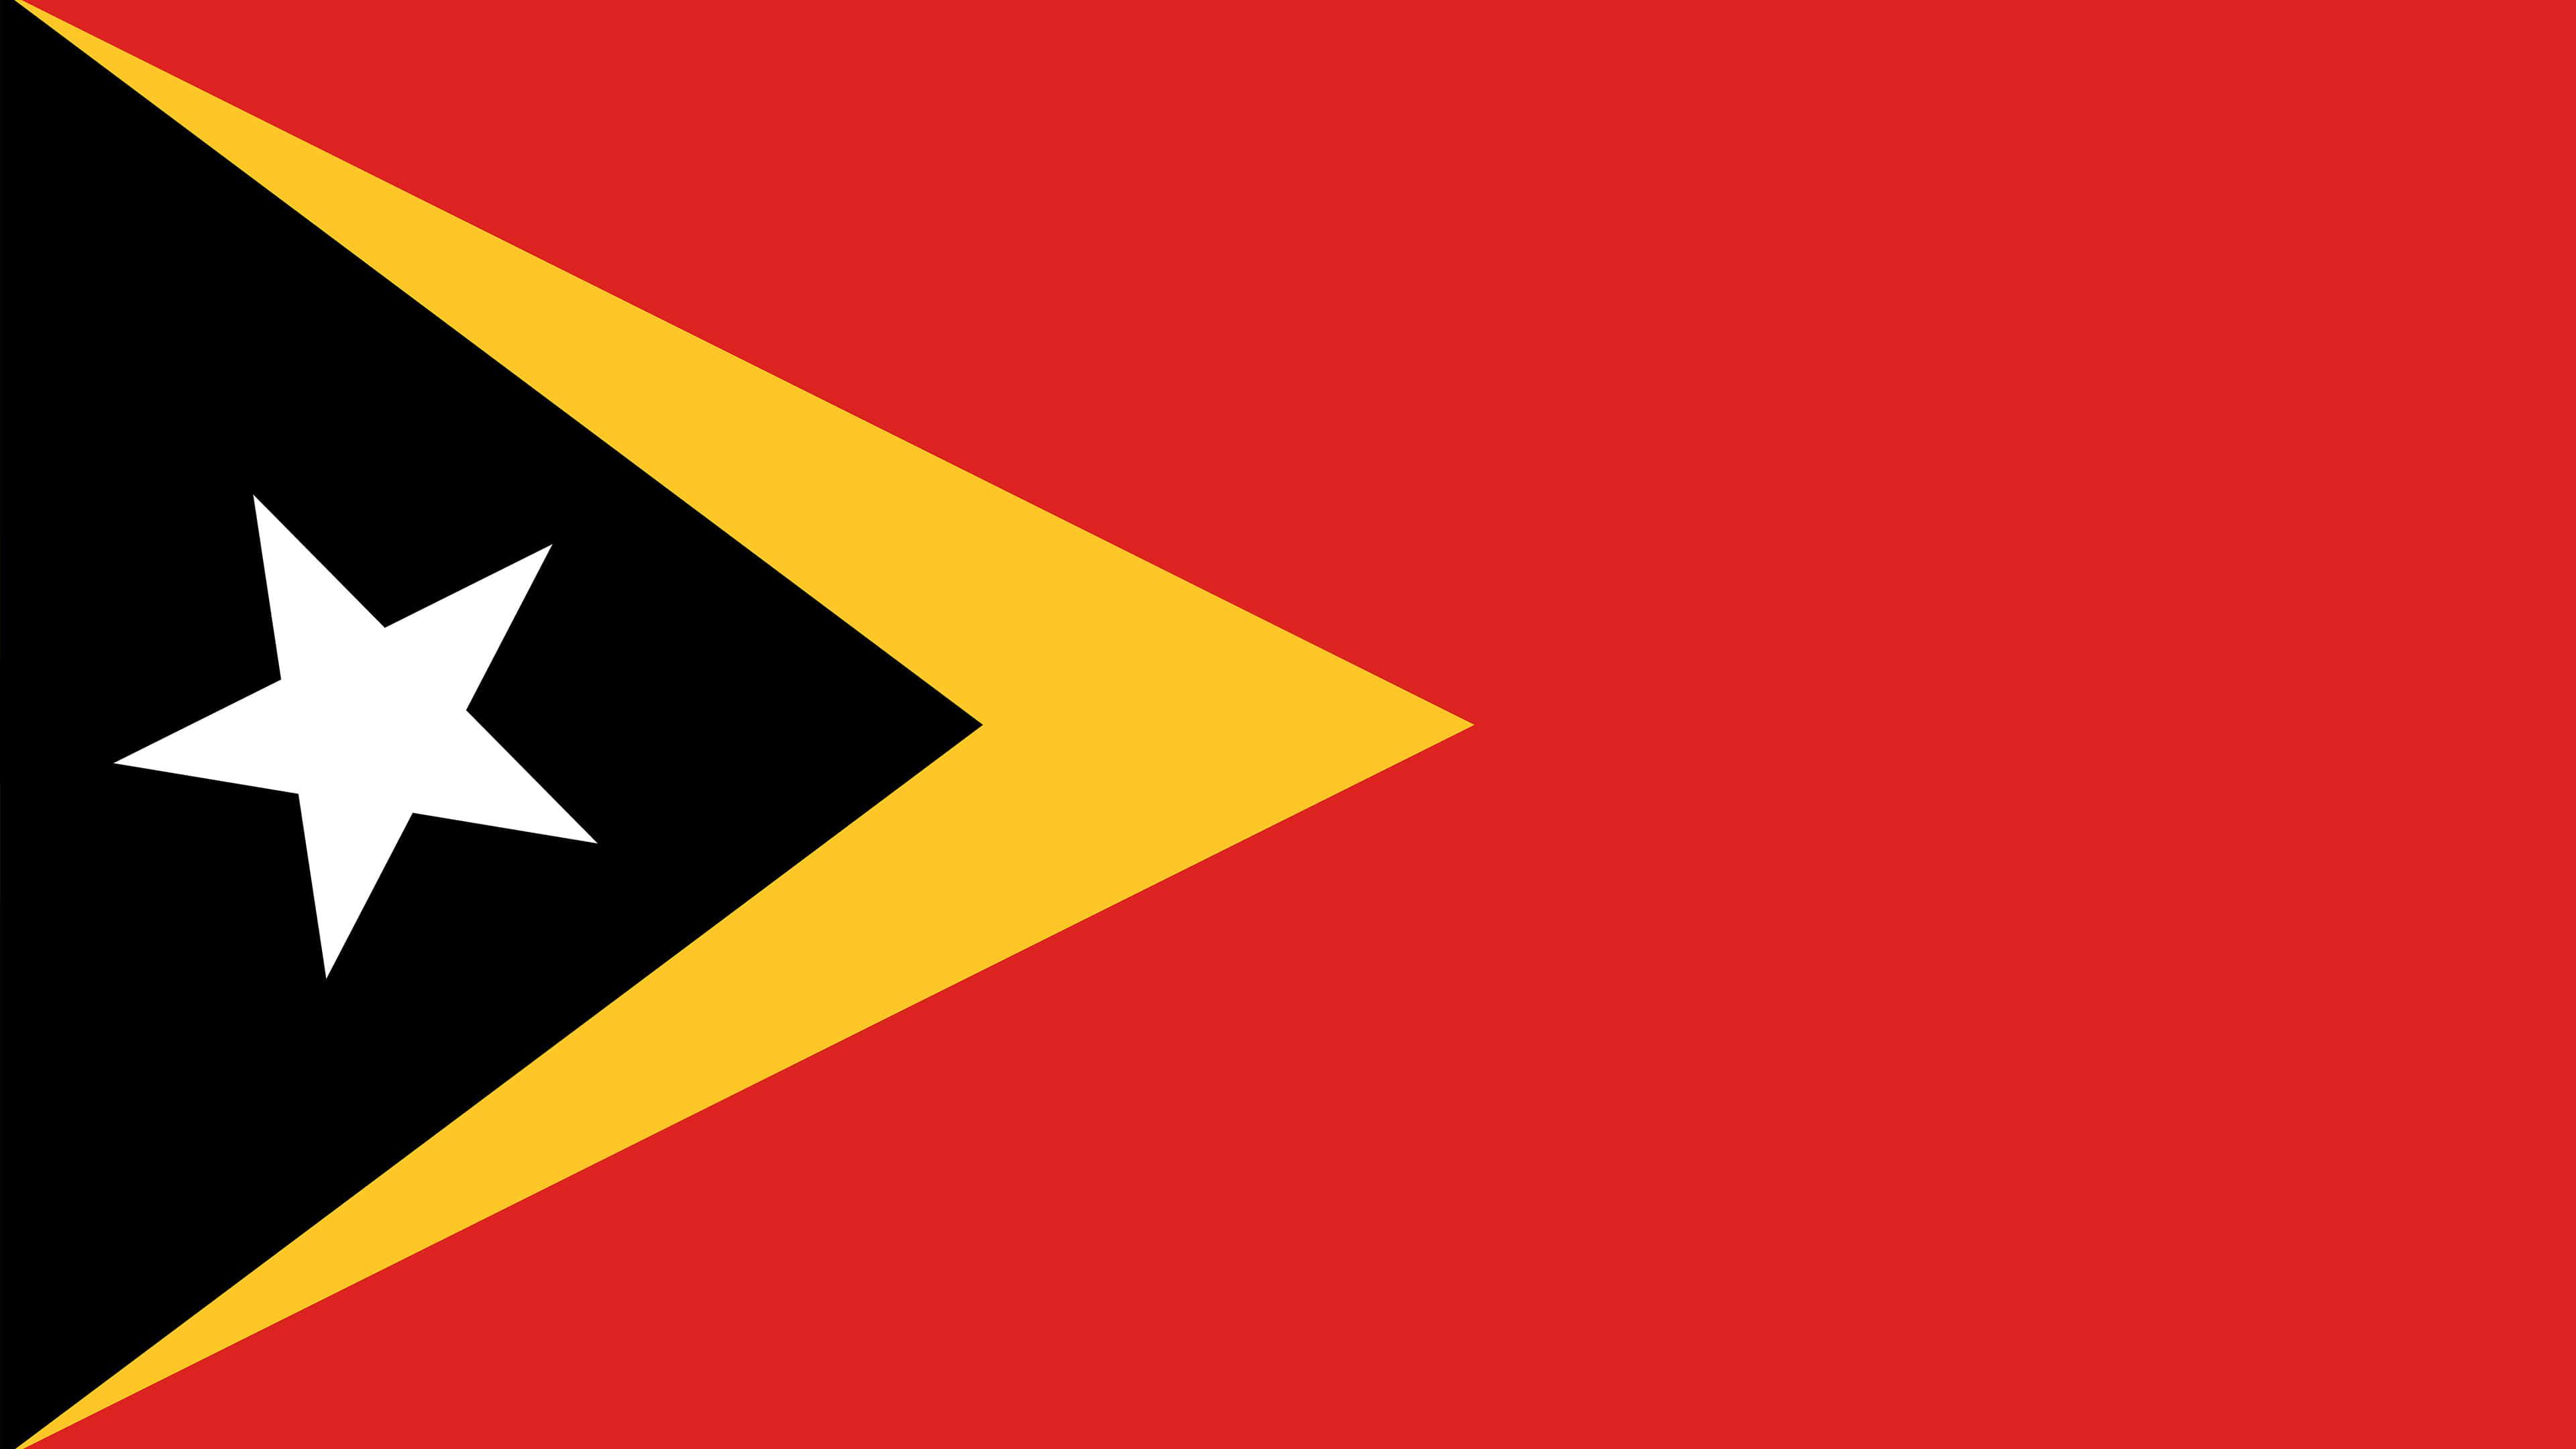 east timor flag uhd 4k wallpaper